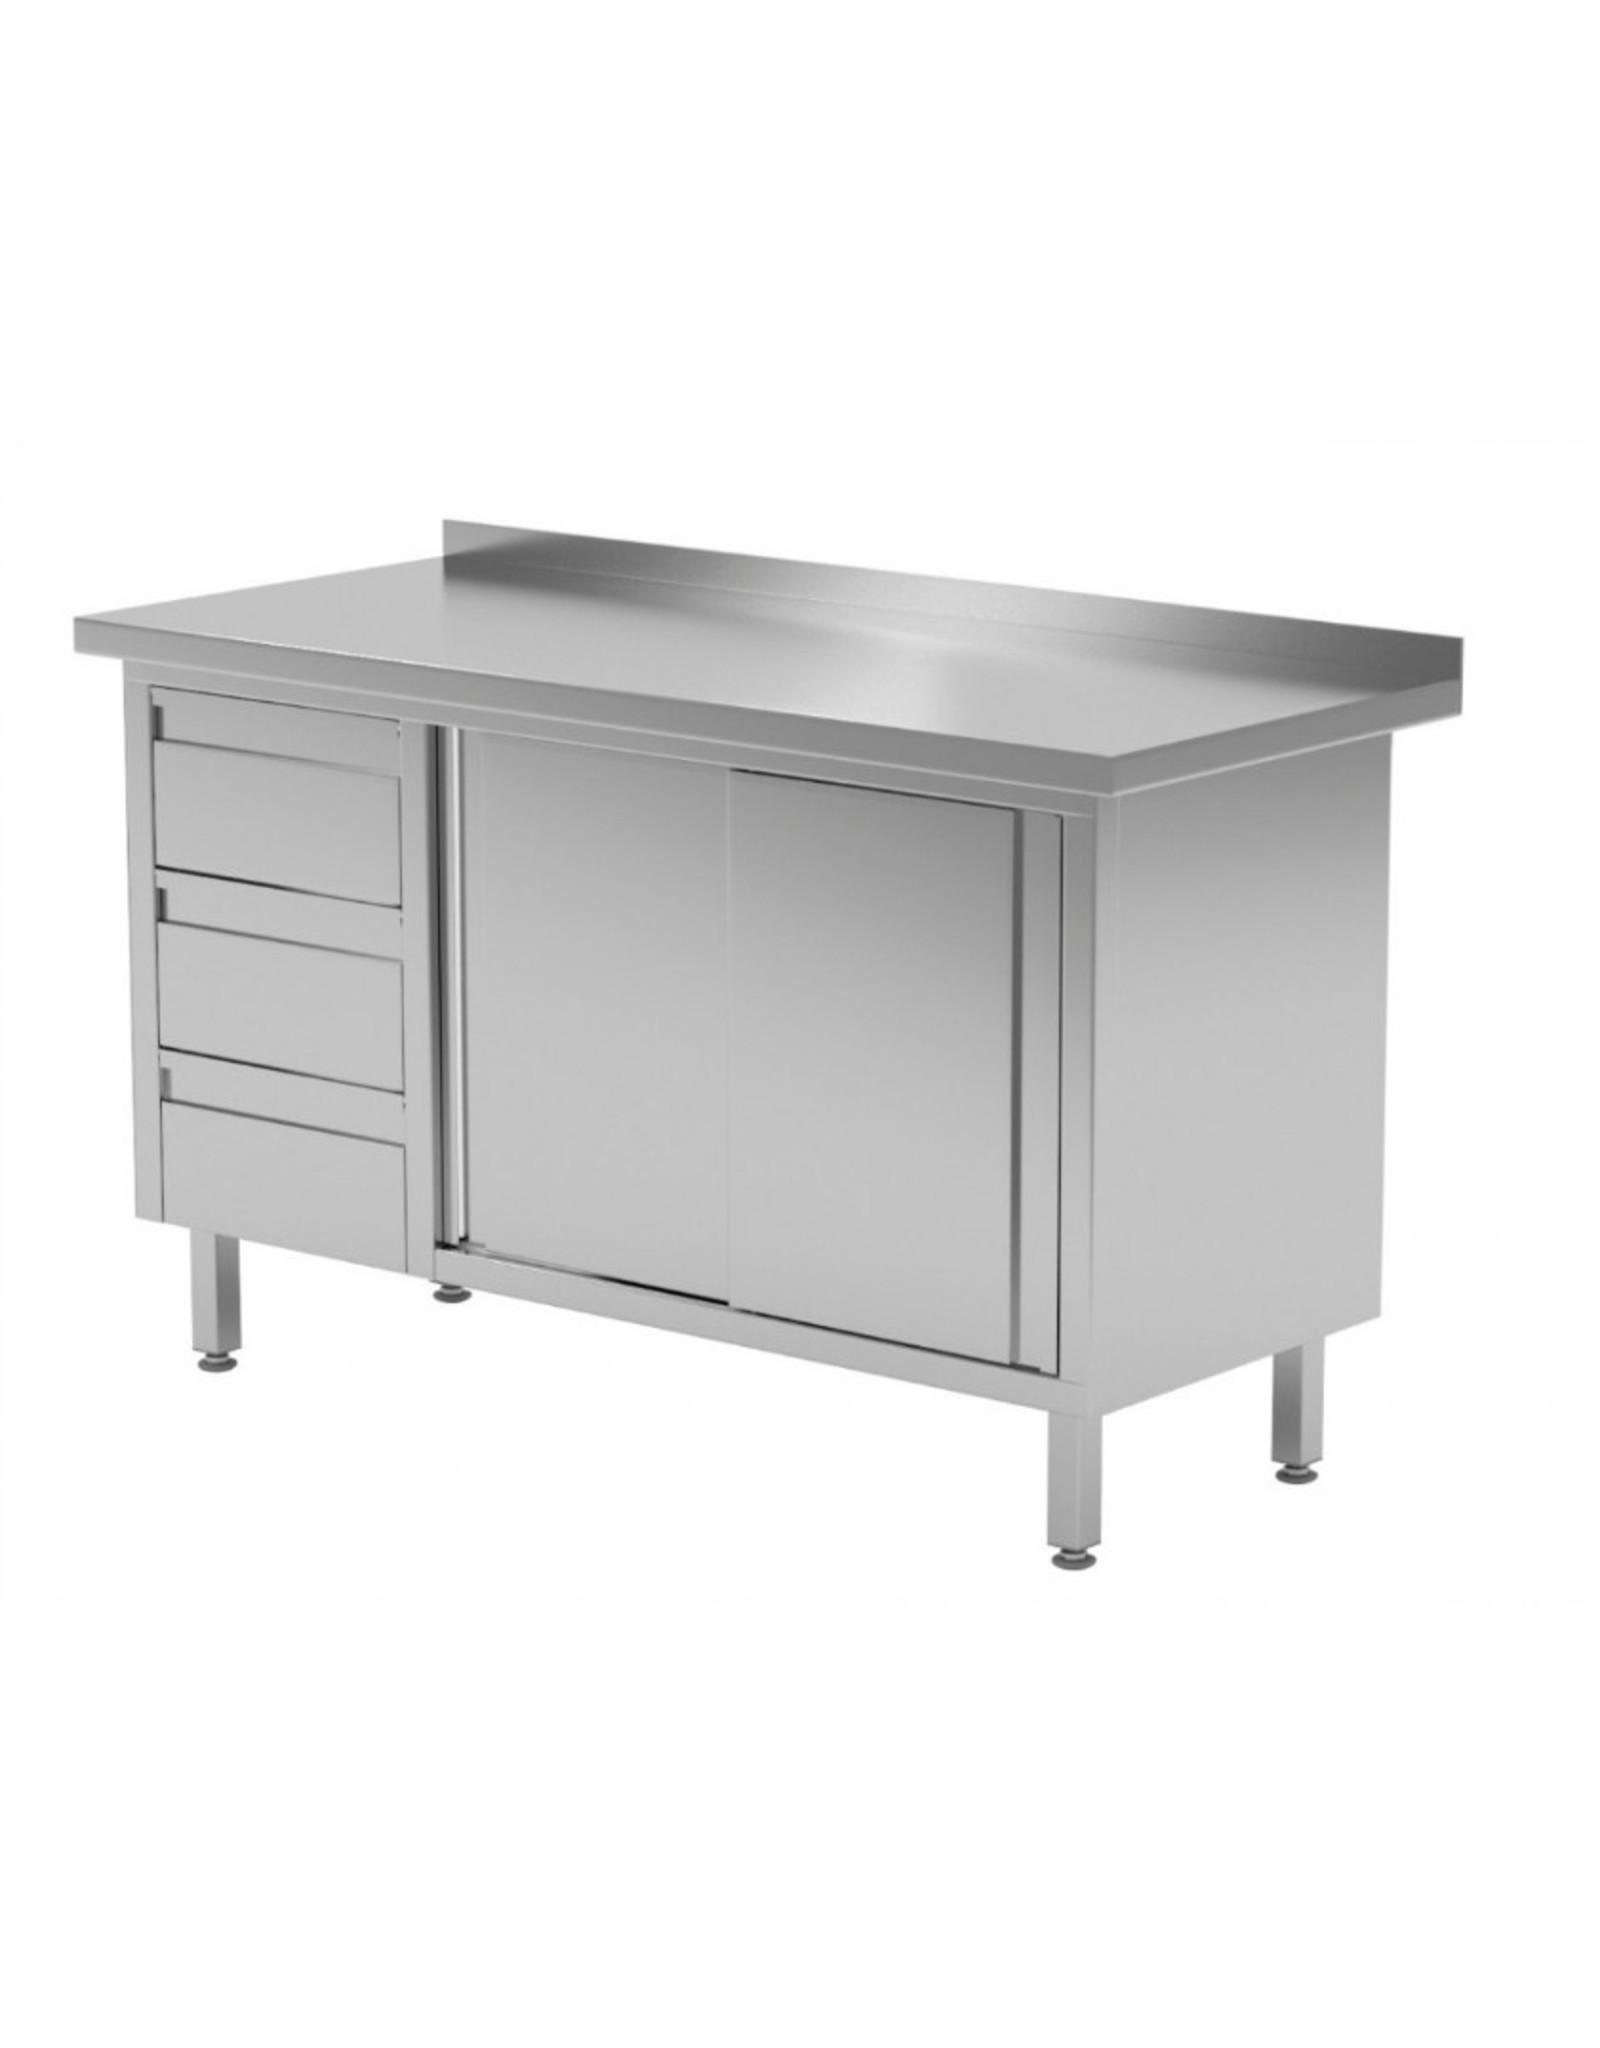 Werktafel met 3 lades links en 2 schuifdeuren | 1200-1900mm breed | 600 of 700mm diep